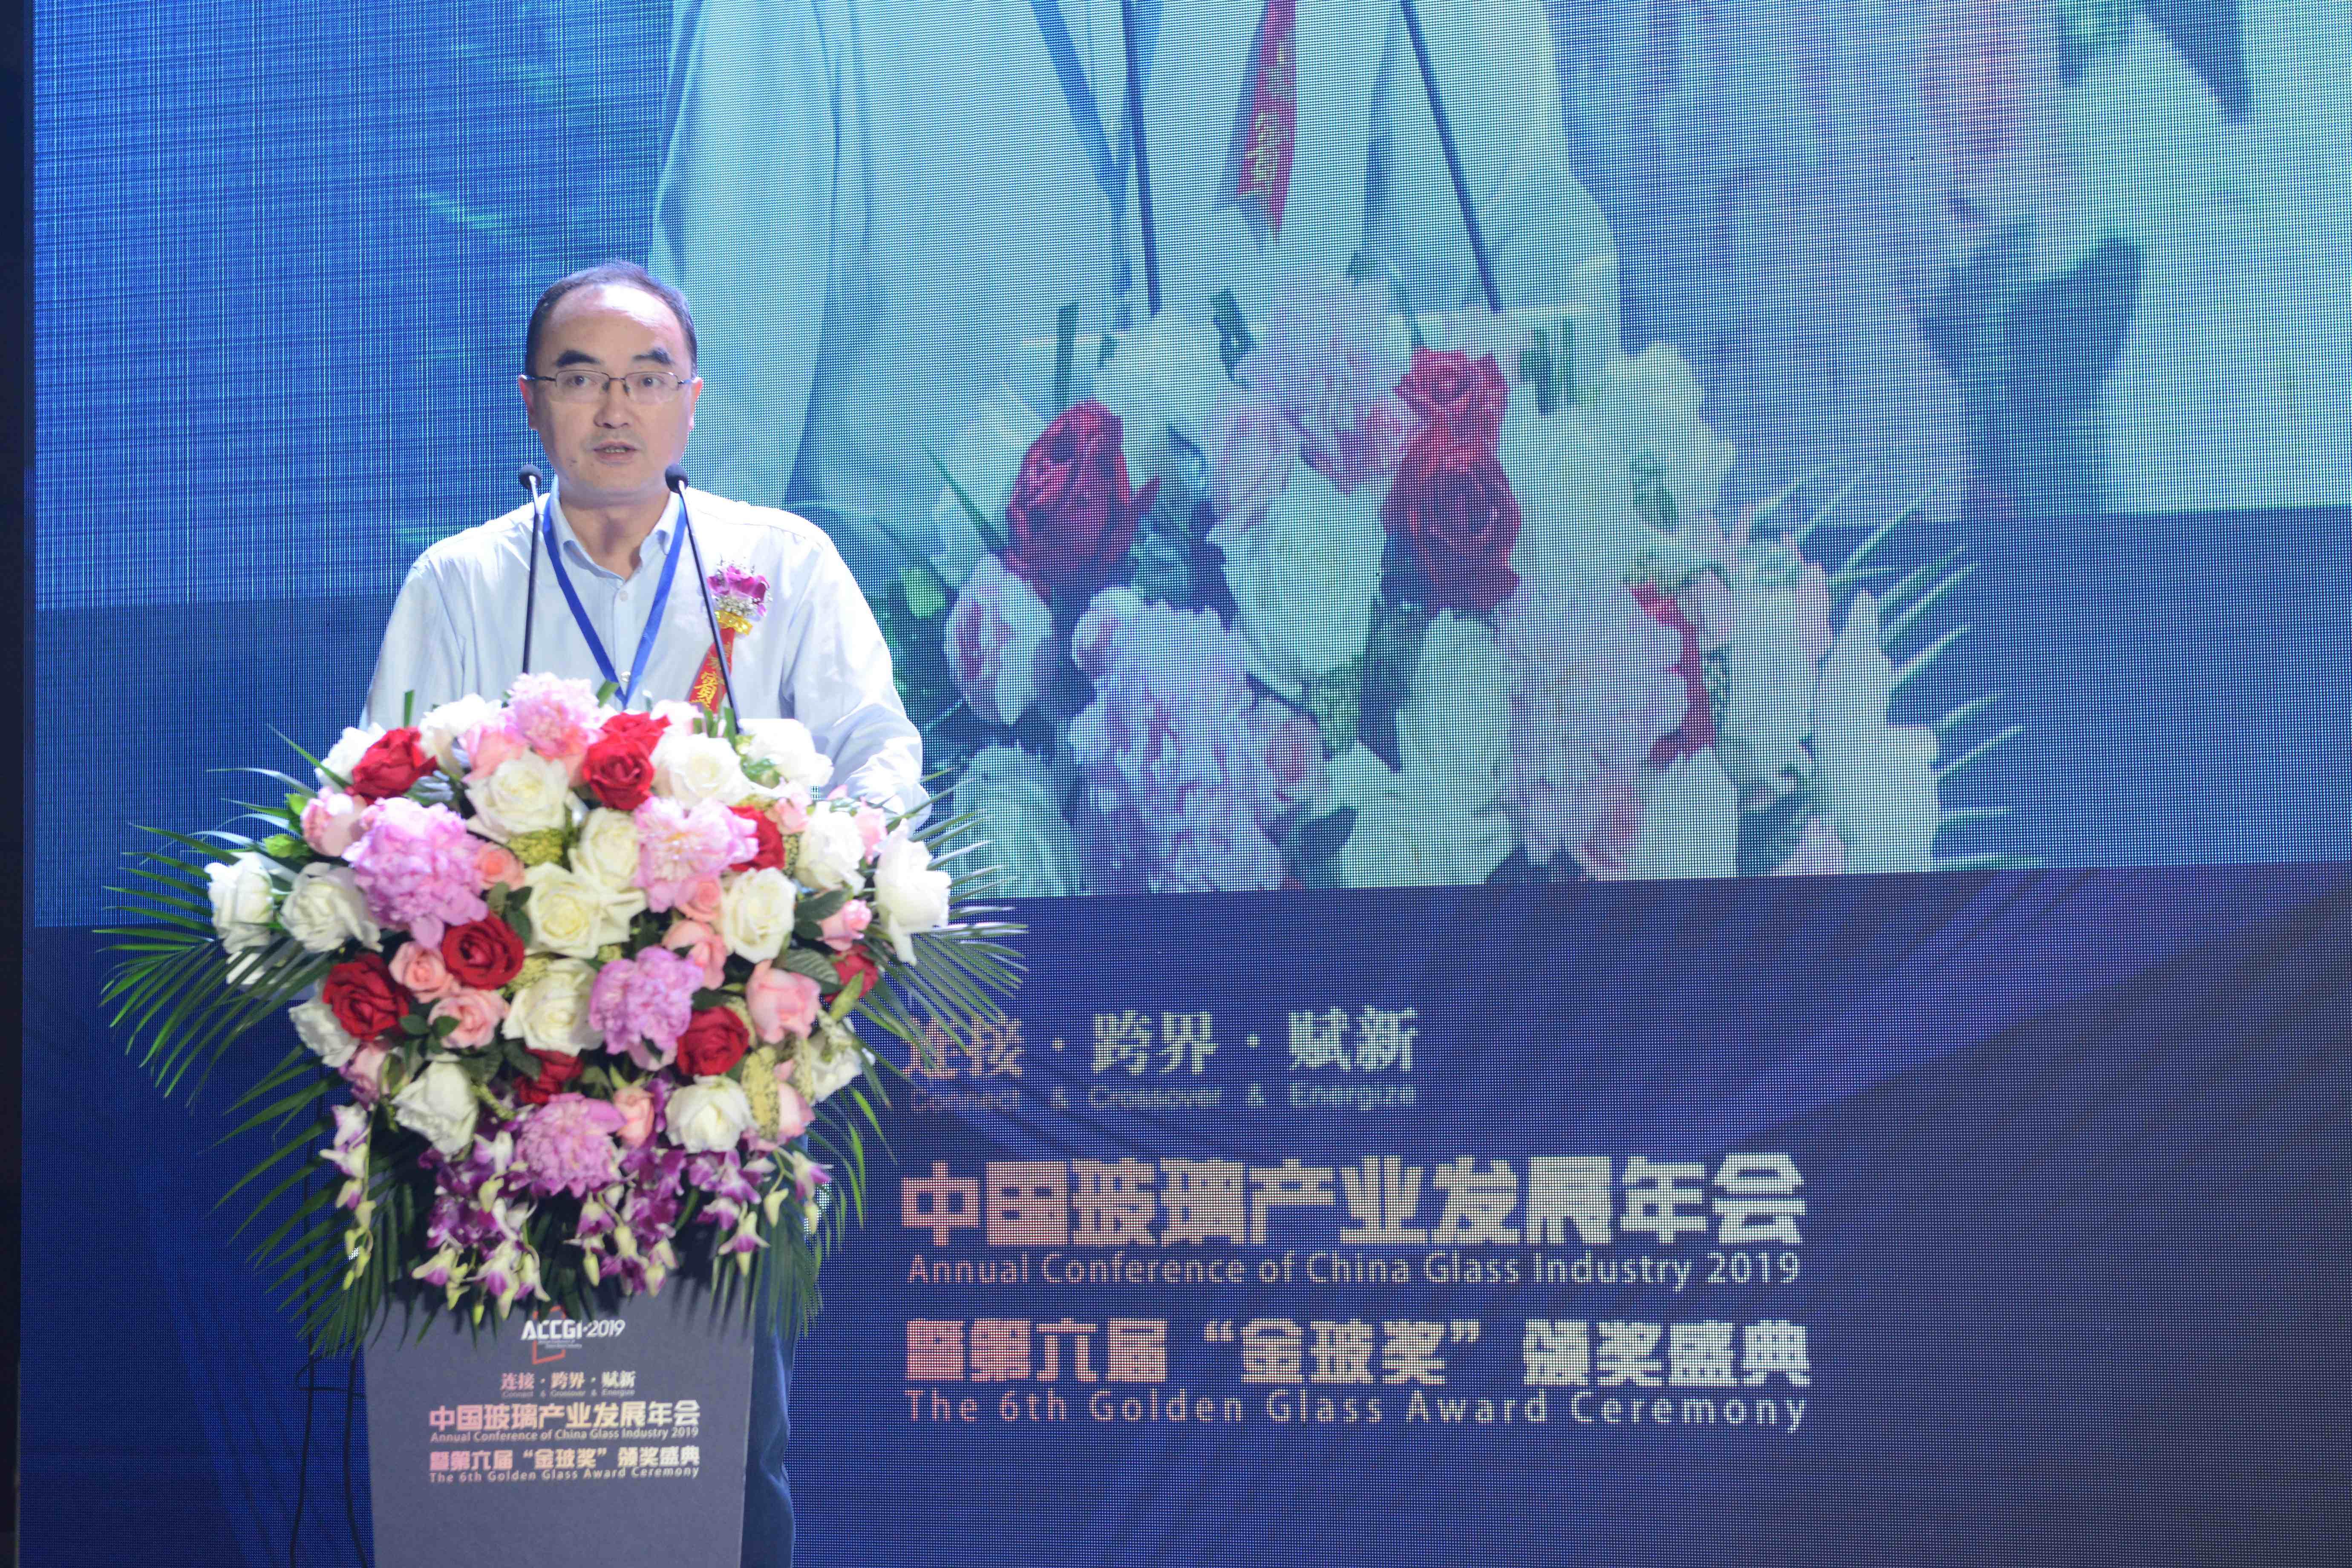 中国玻璃产业发展年会文图-中国玻璃产业发展年会文图-彭引平